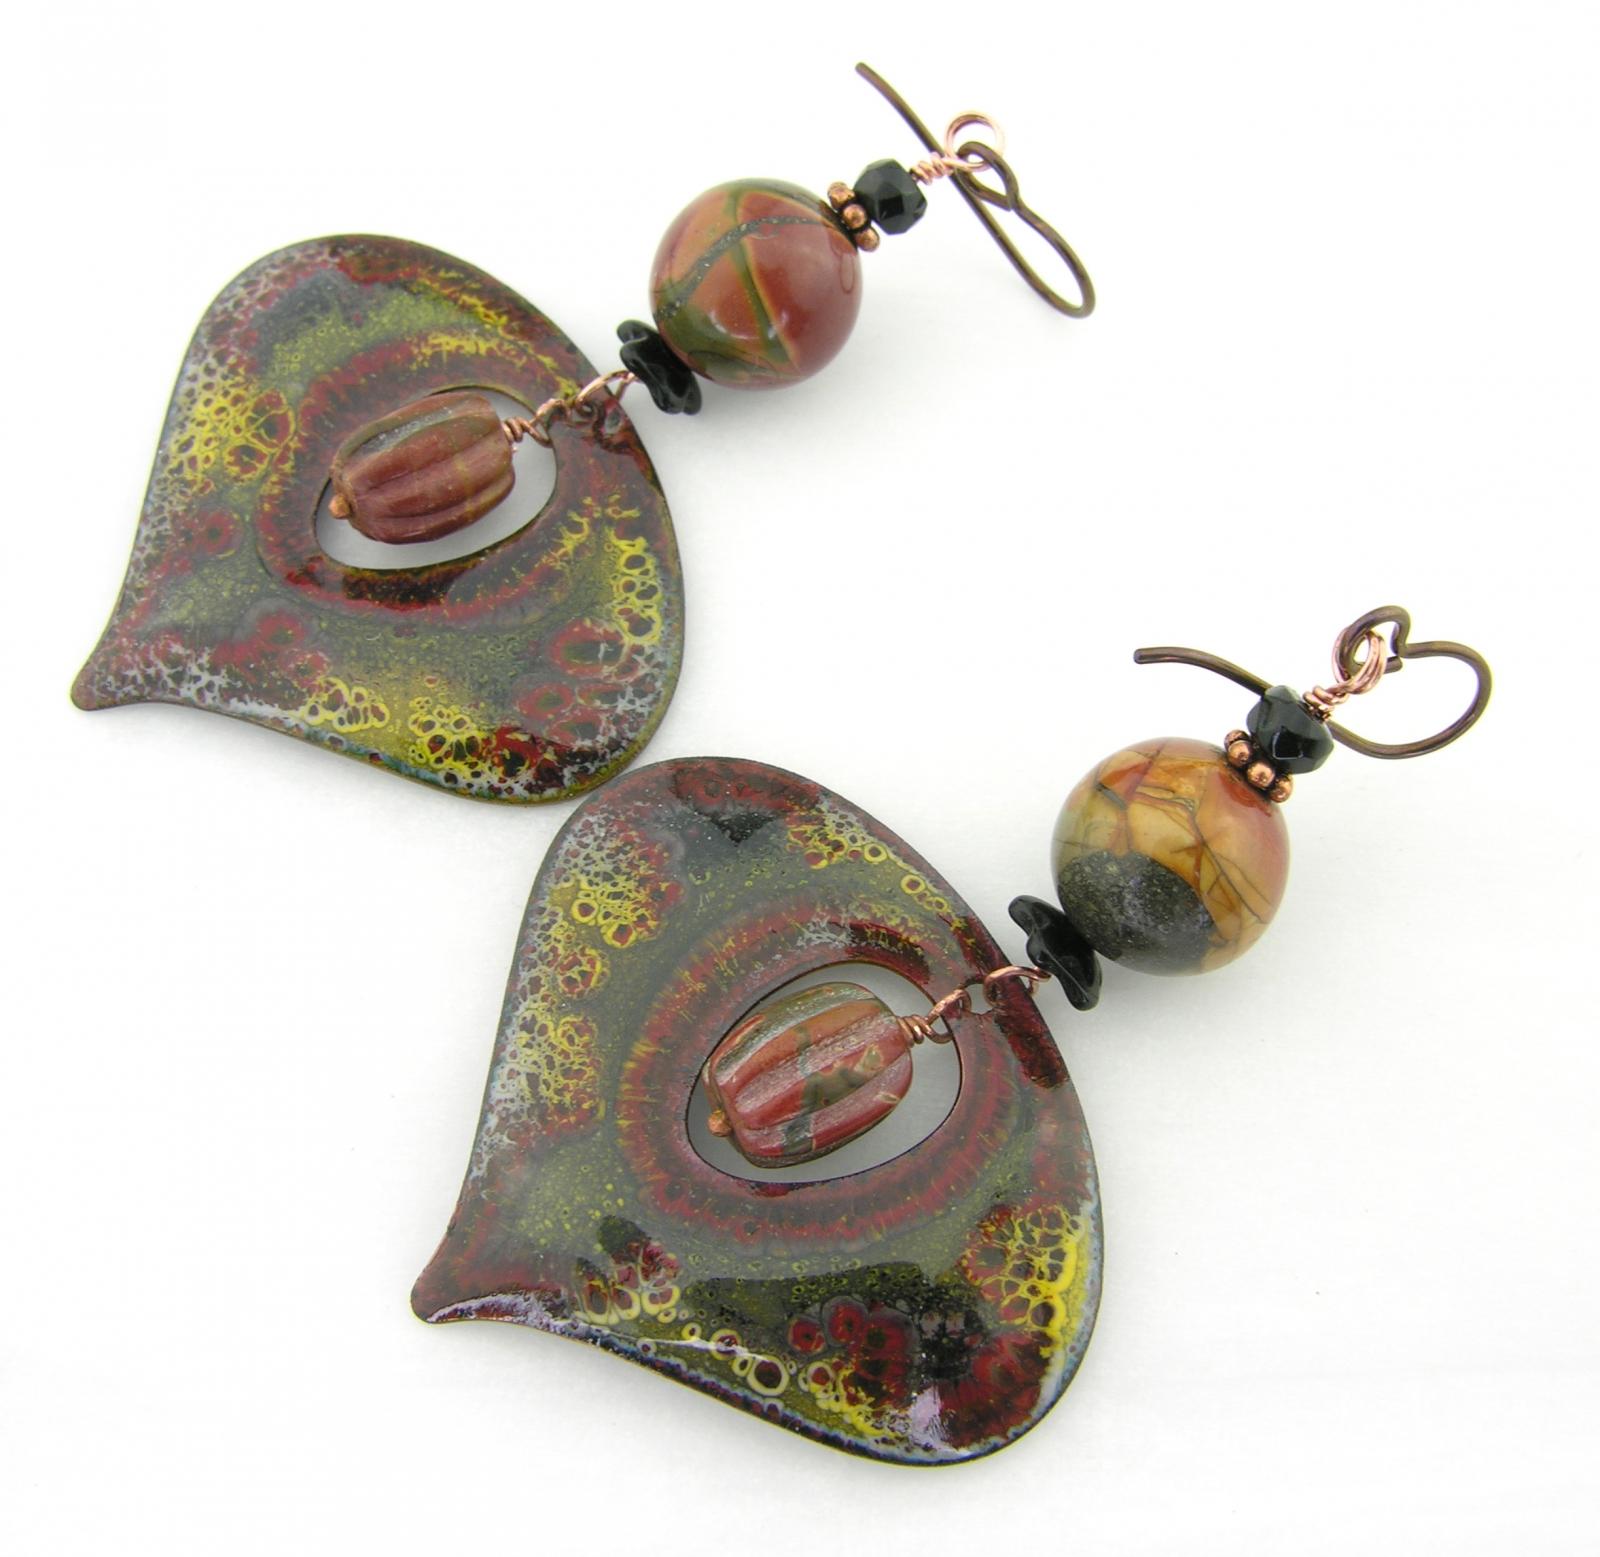 Red Tipped Spikes Earrings - handmade hollow artisan lampwork sterling silver red teal sonoran jasper garnet gemstone srajd cserpentDesigns january birthstone